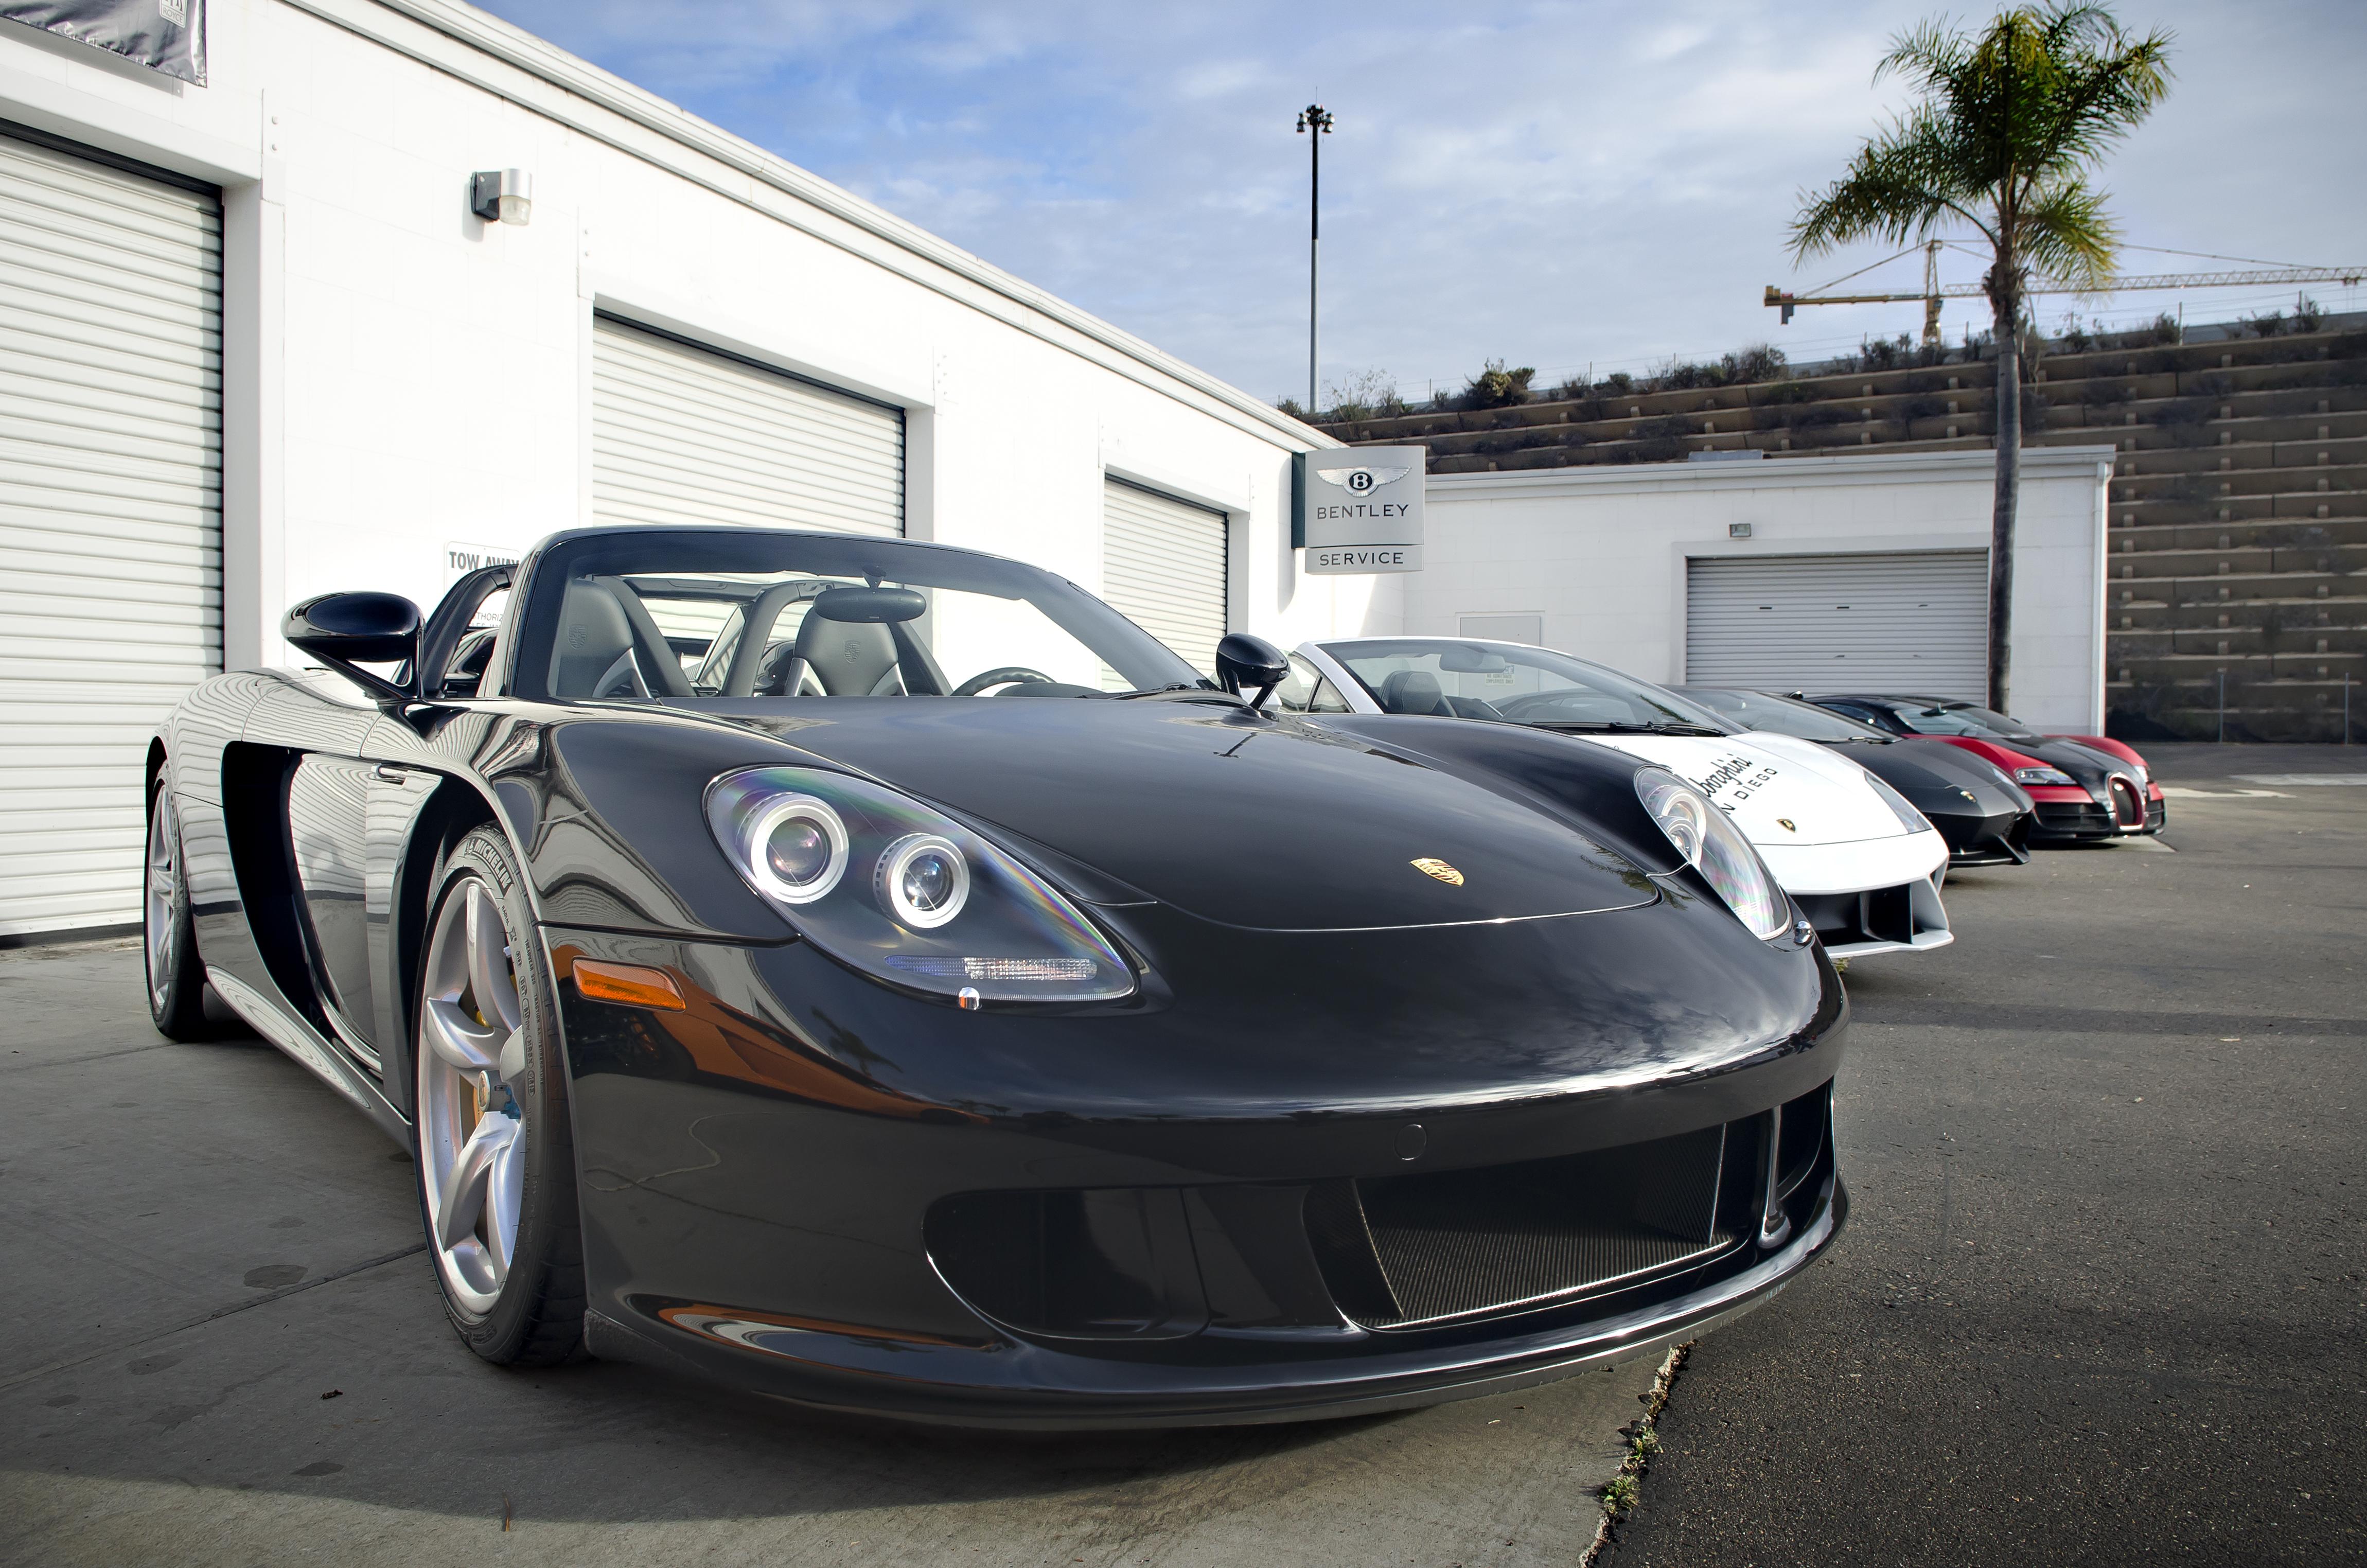 File:The Lineup   Porsche Carrera GT, Lamborghini Gallardo, Lamborghini  Aventador, And